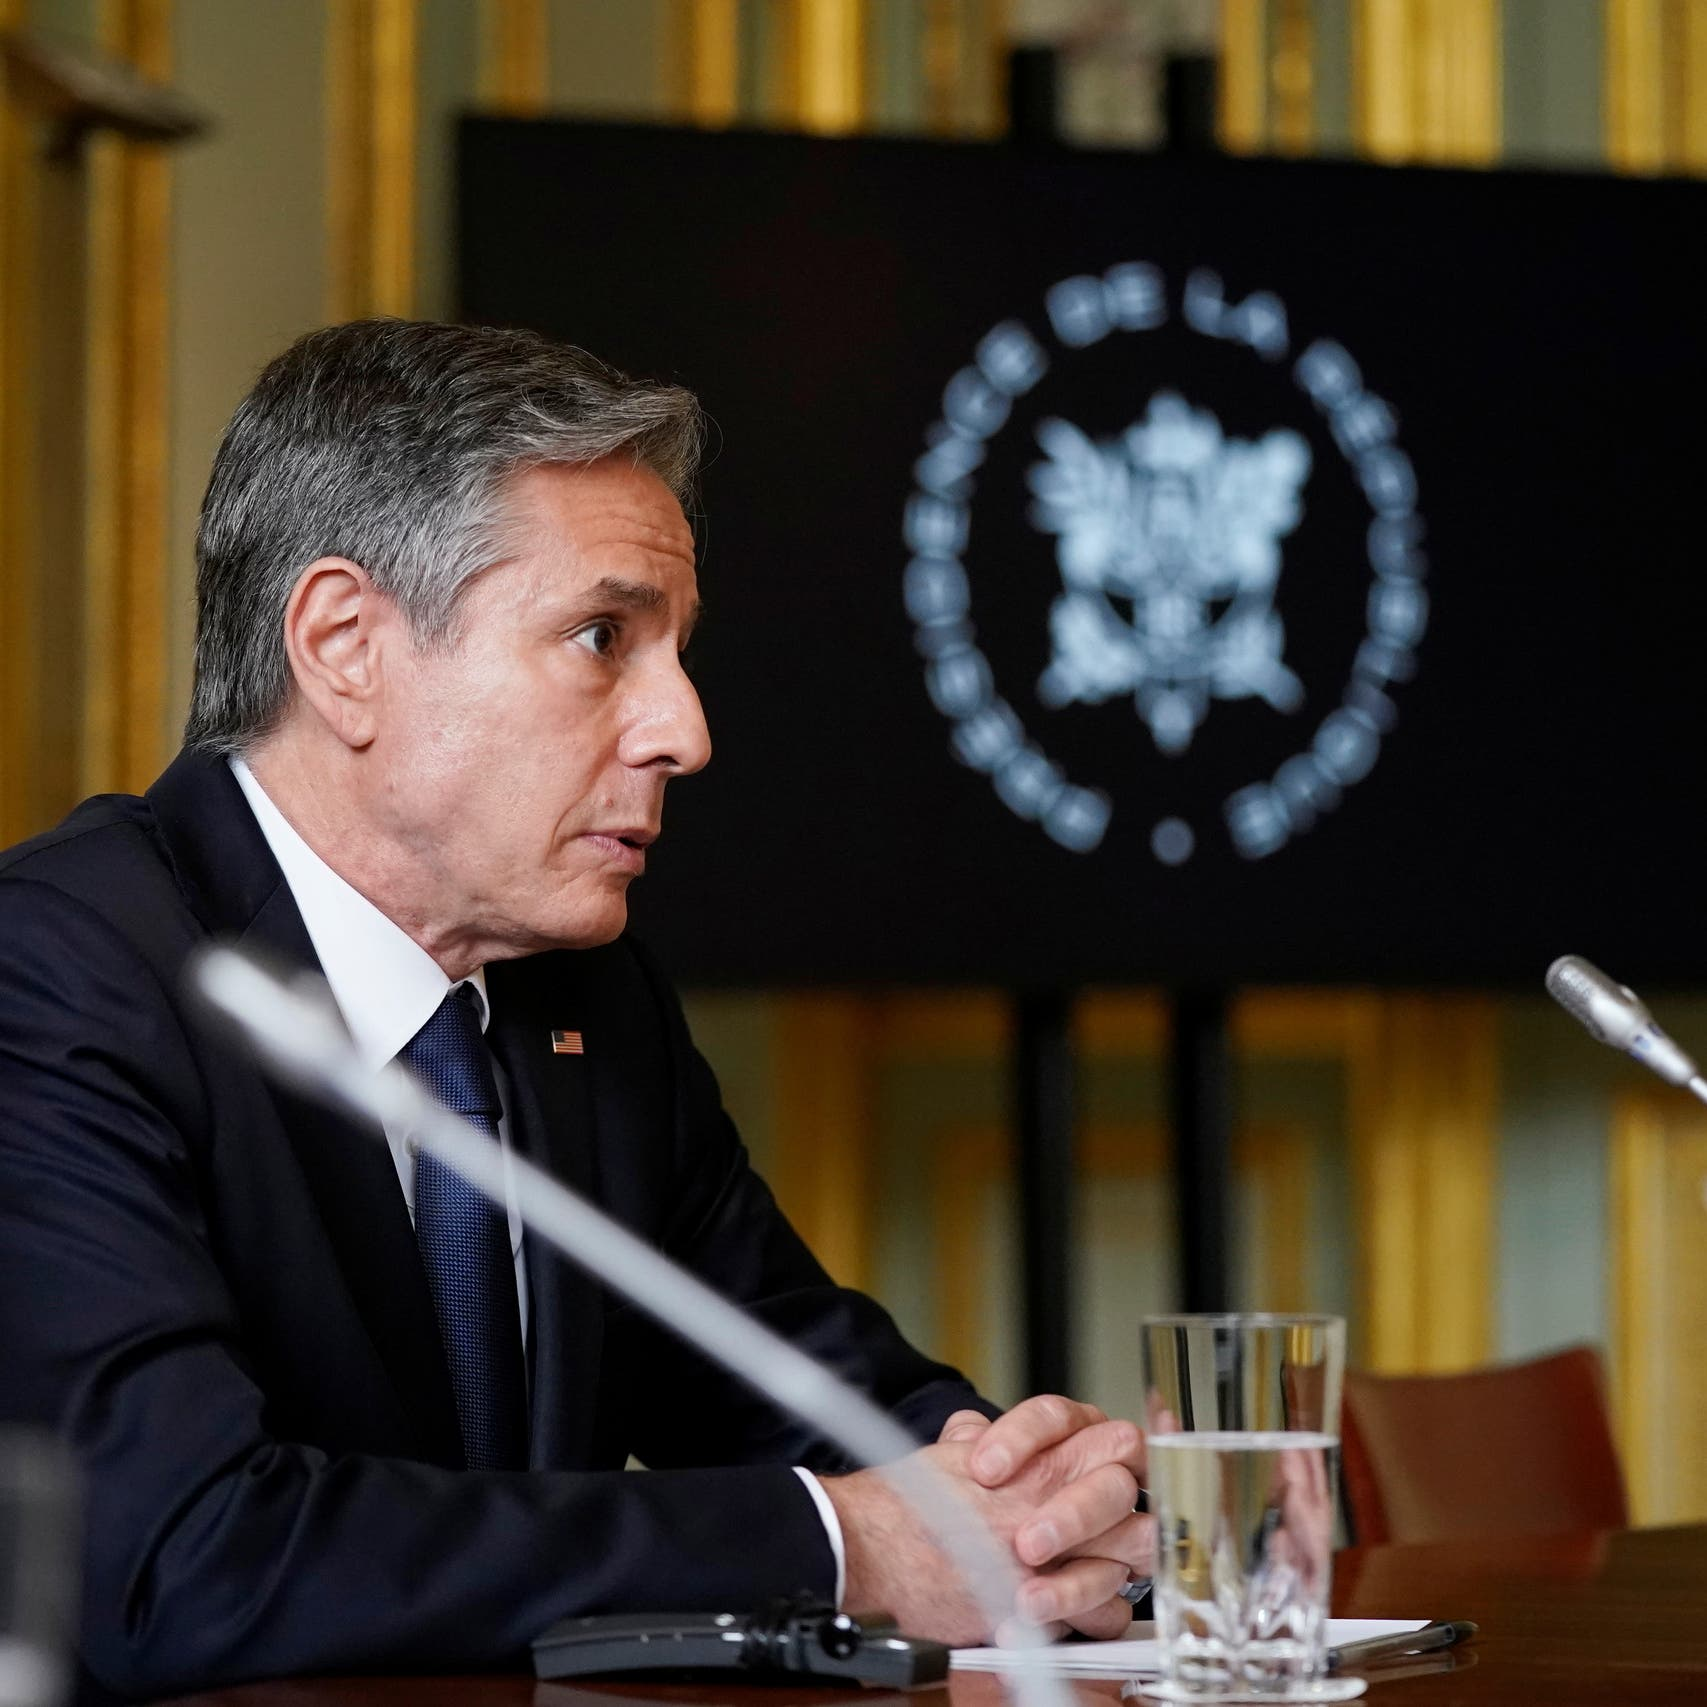 واشنطن: على طالبان احترام التزاماتها.. وتشكيل حكومة شاملة